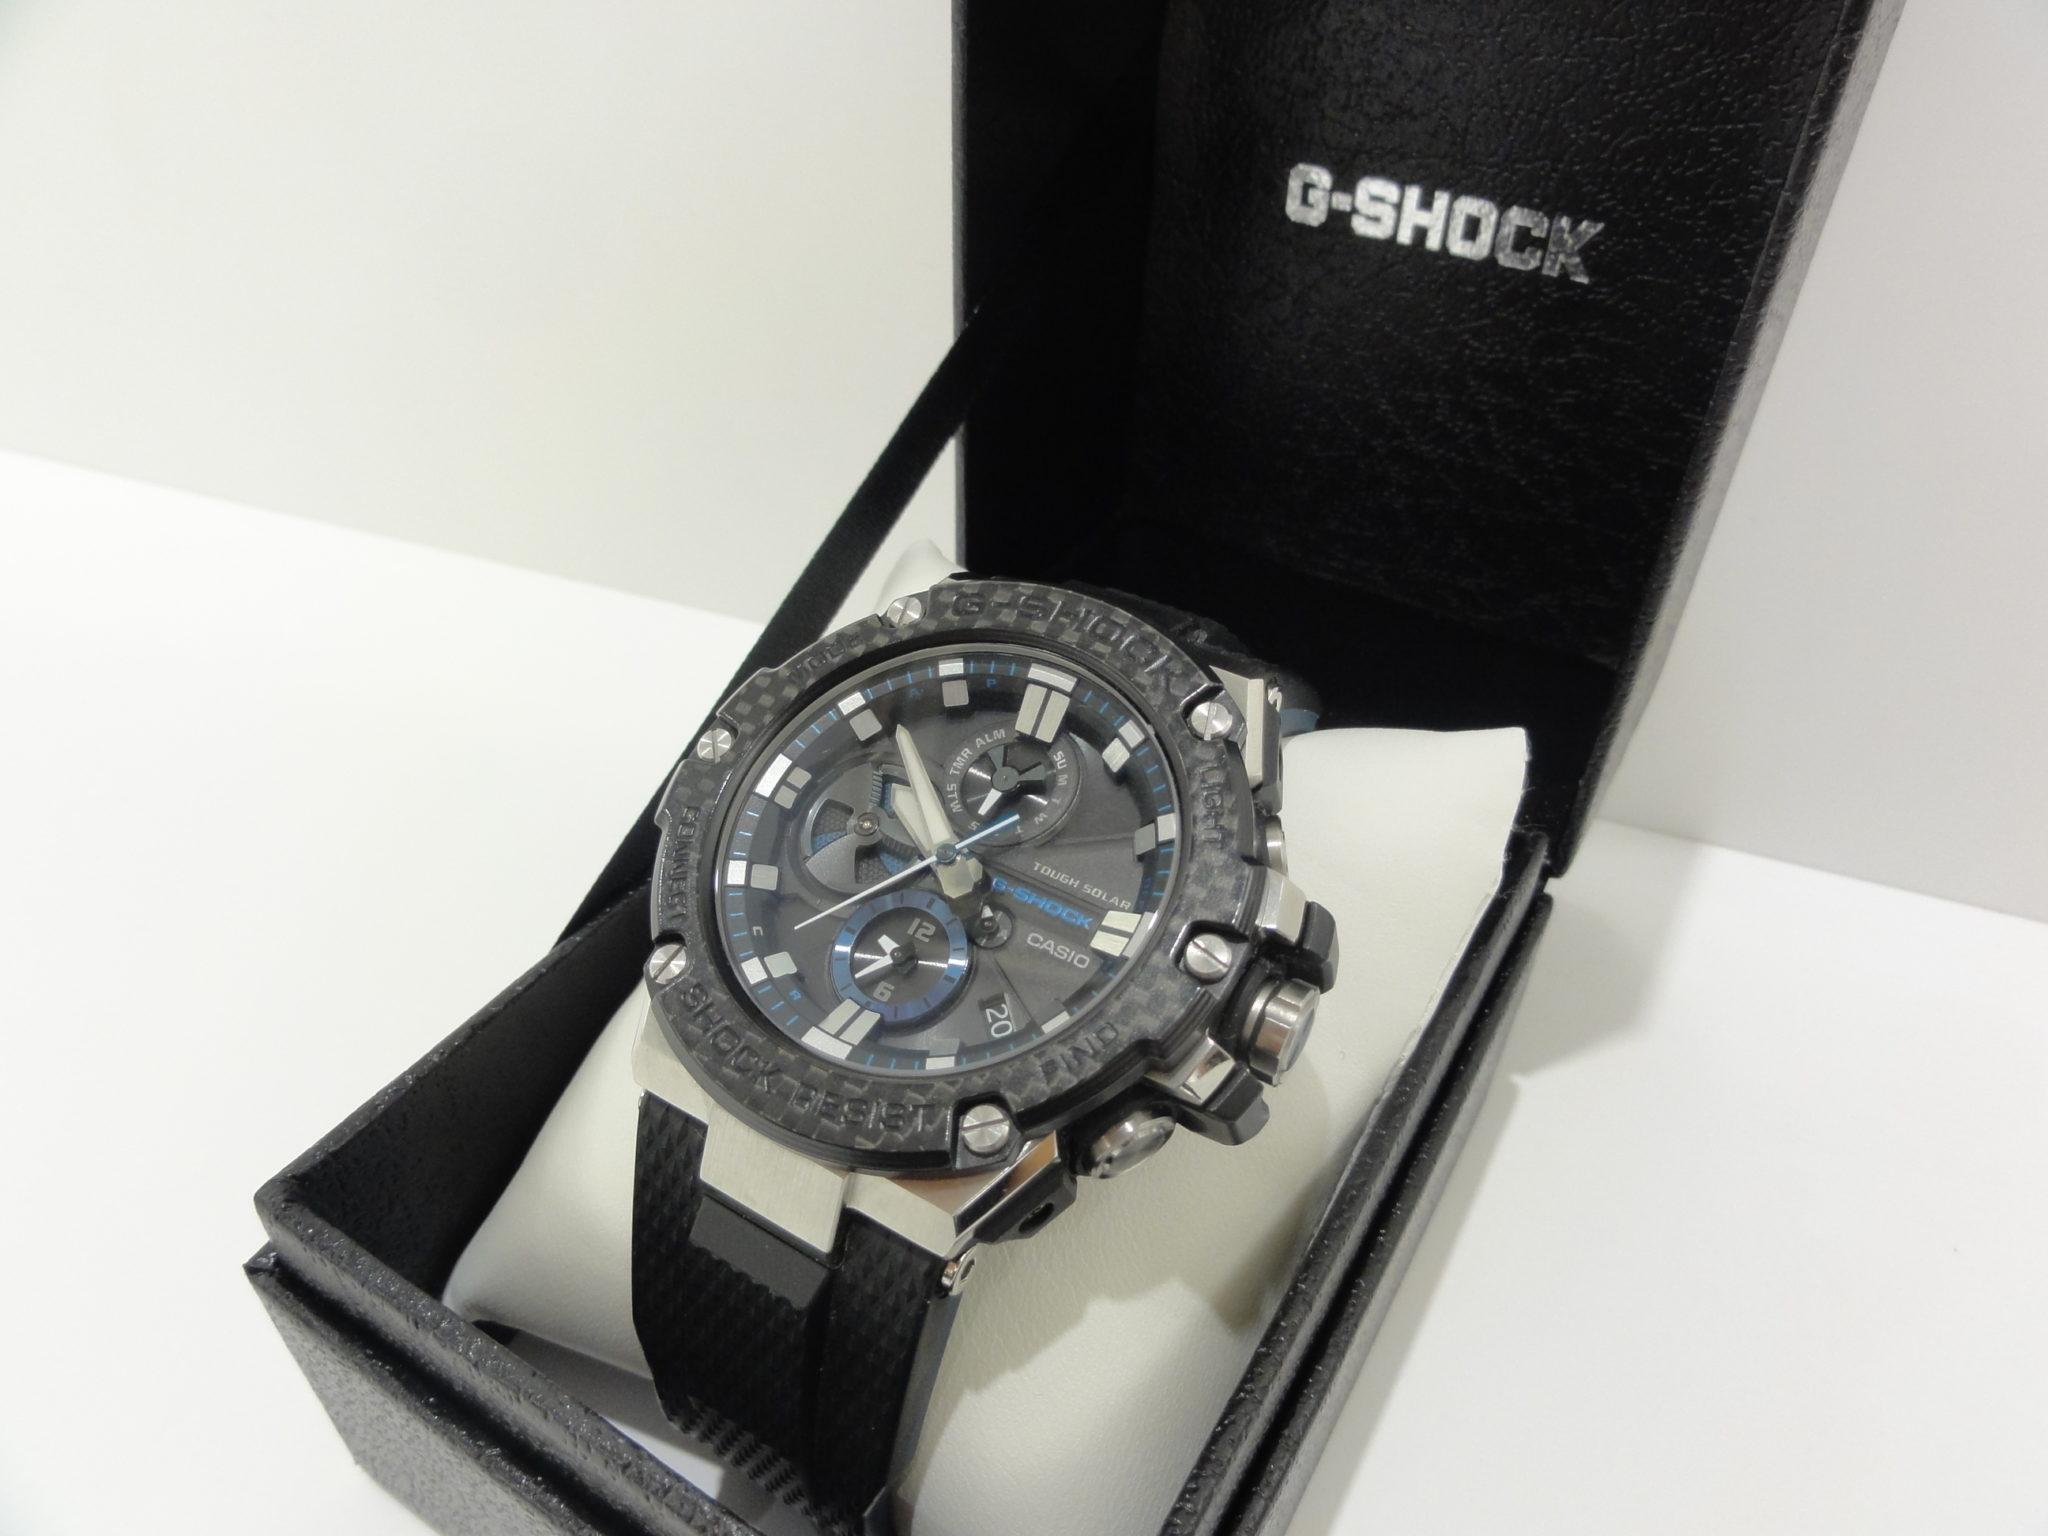 【盛岡 カシオ 販売】G-SHOCK GST-B100XA-1AJF 腕時計